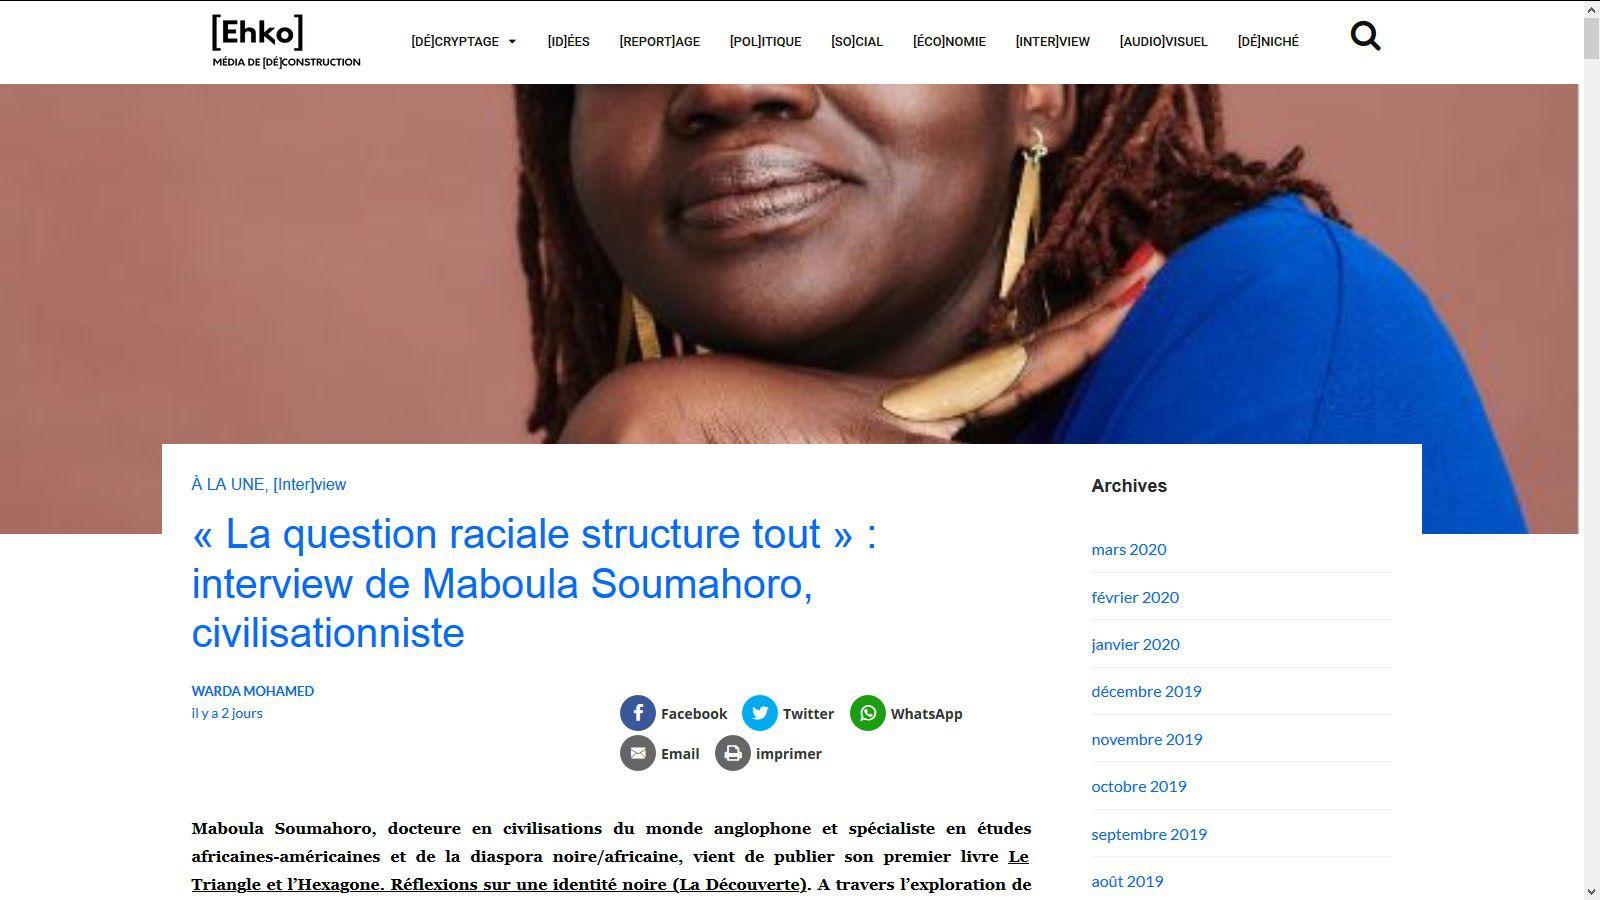 La question raciale structure tout (Maboula Souhamoro)